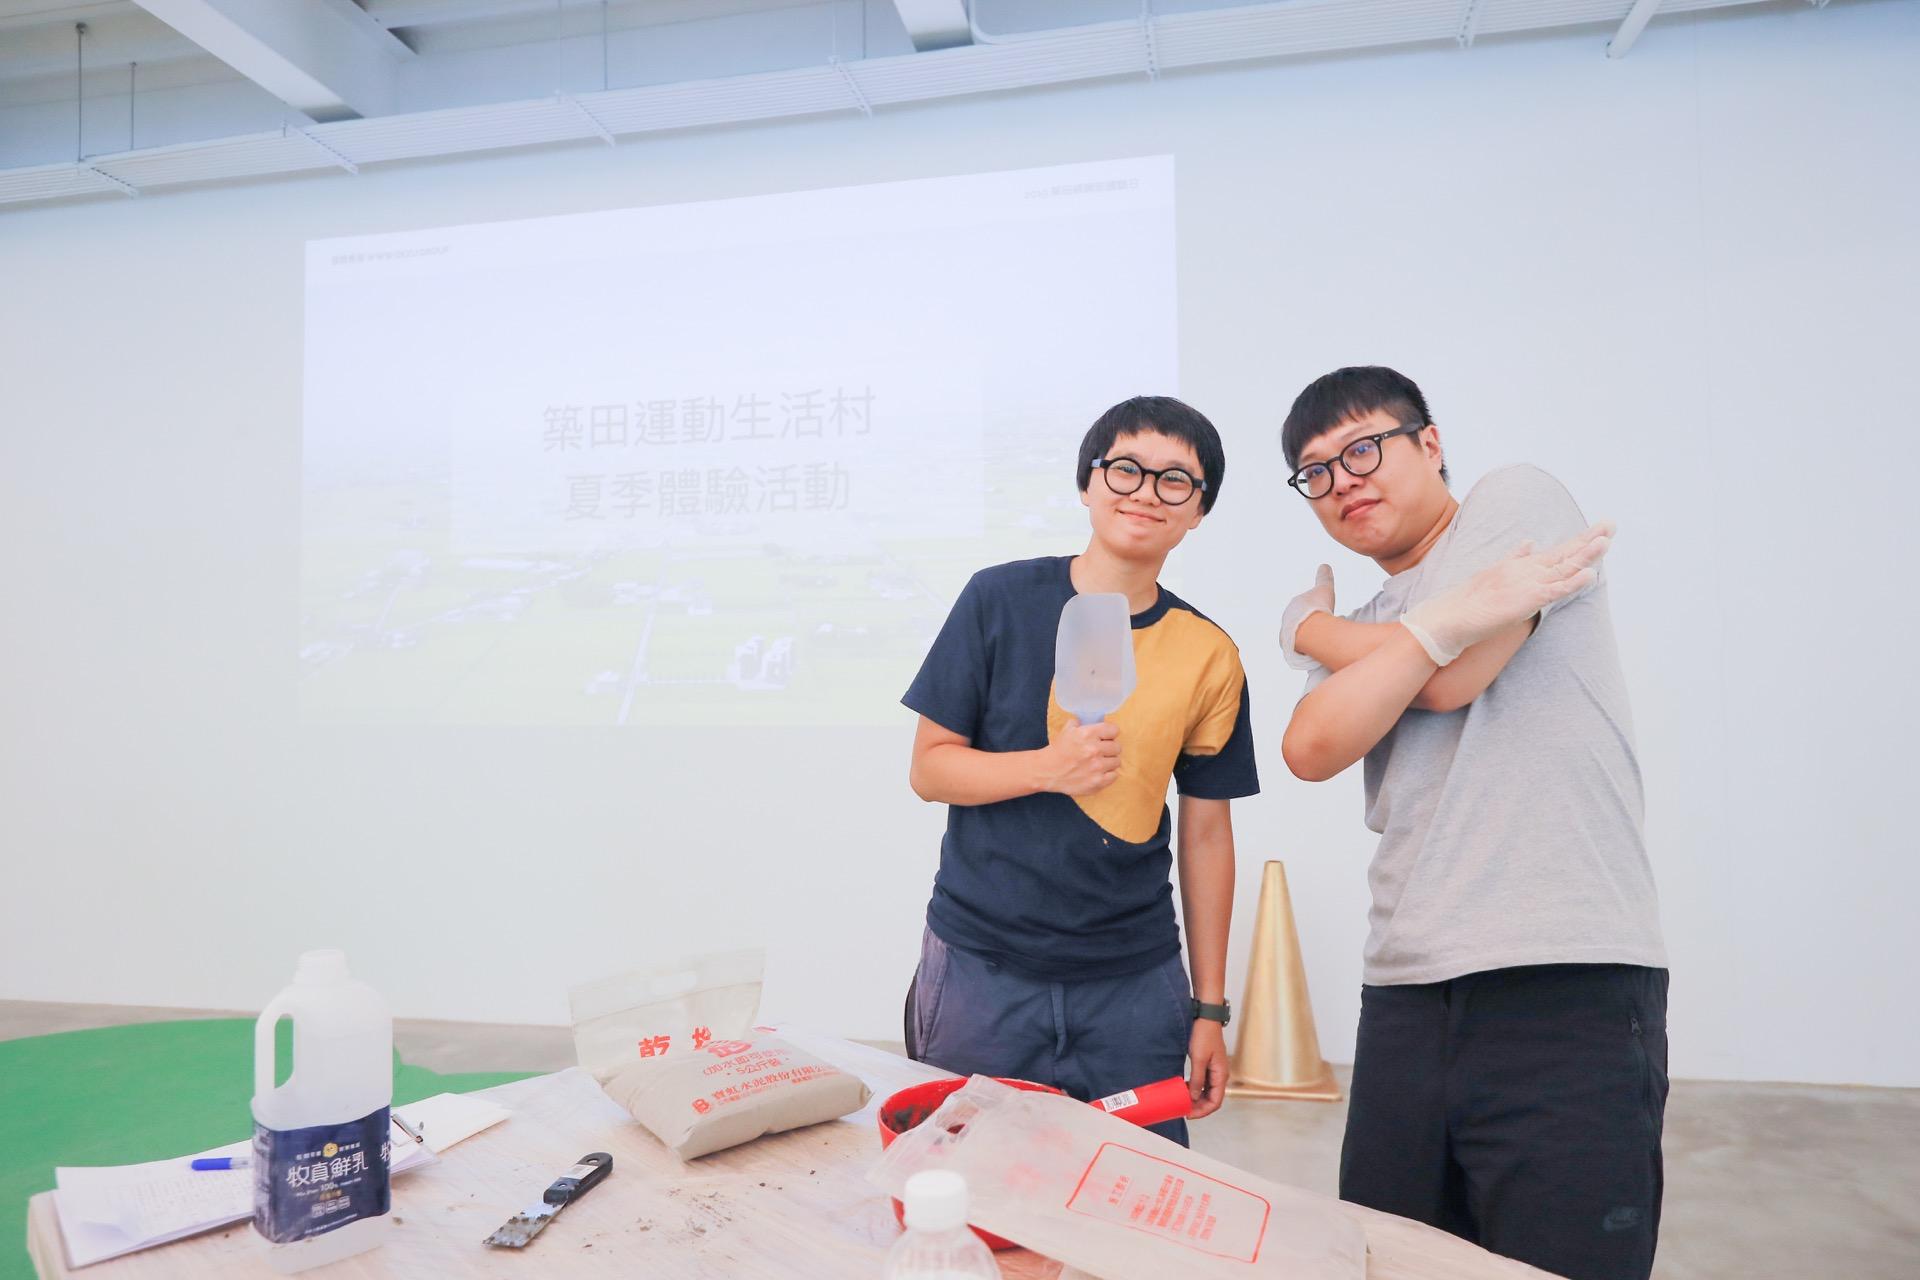 德築-DEZU-project-Zutian-activity-concrete-create-11